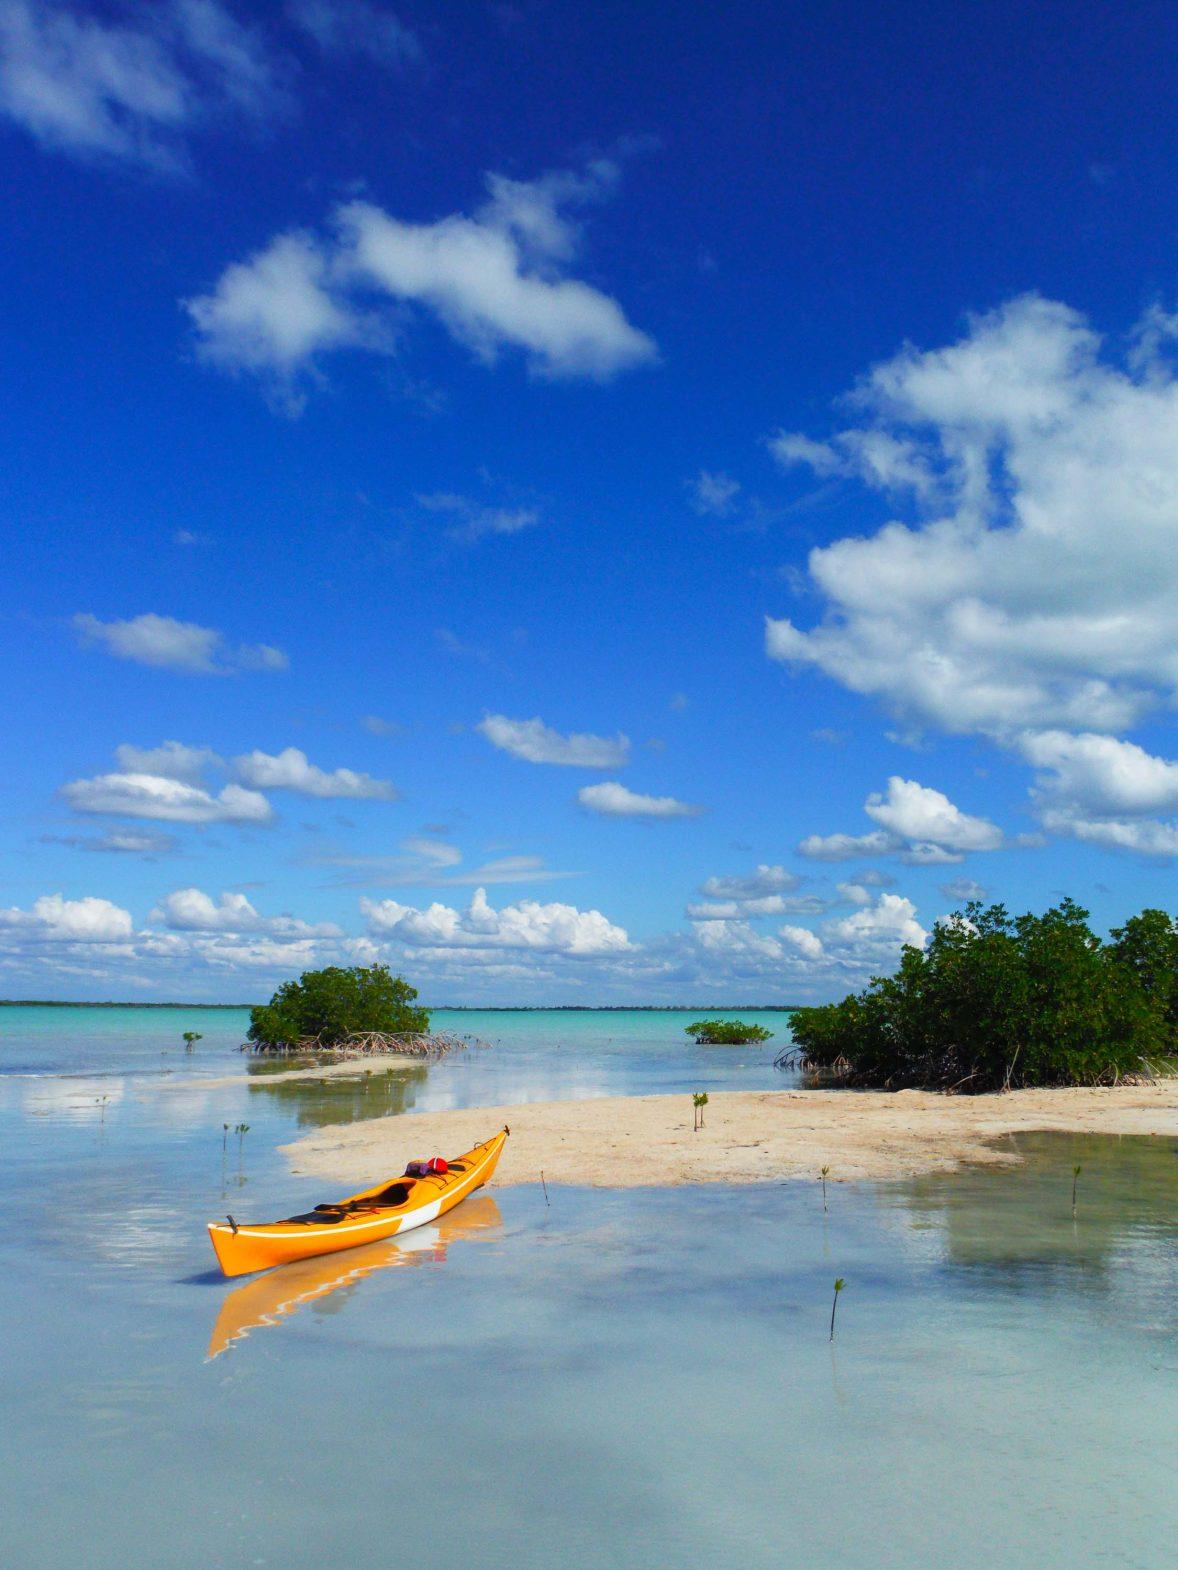 Kayaking in Cuba.